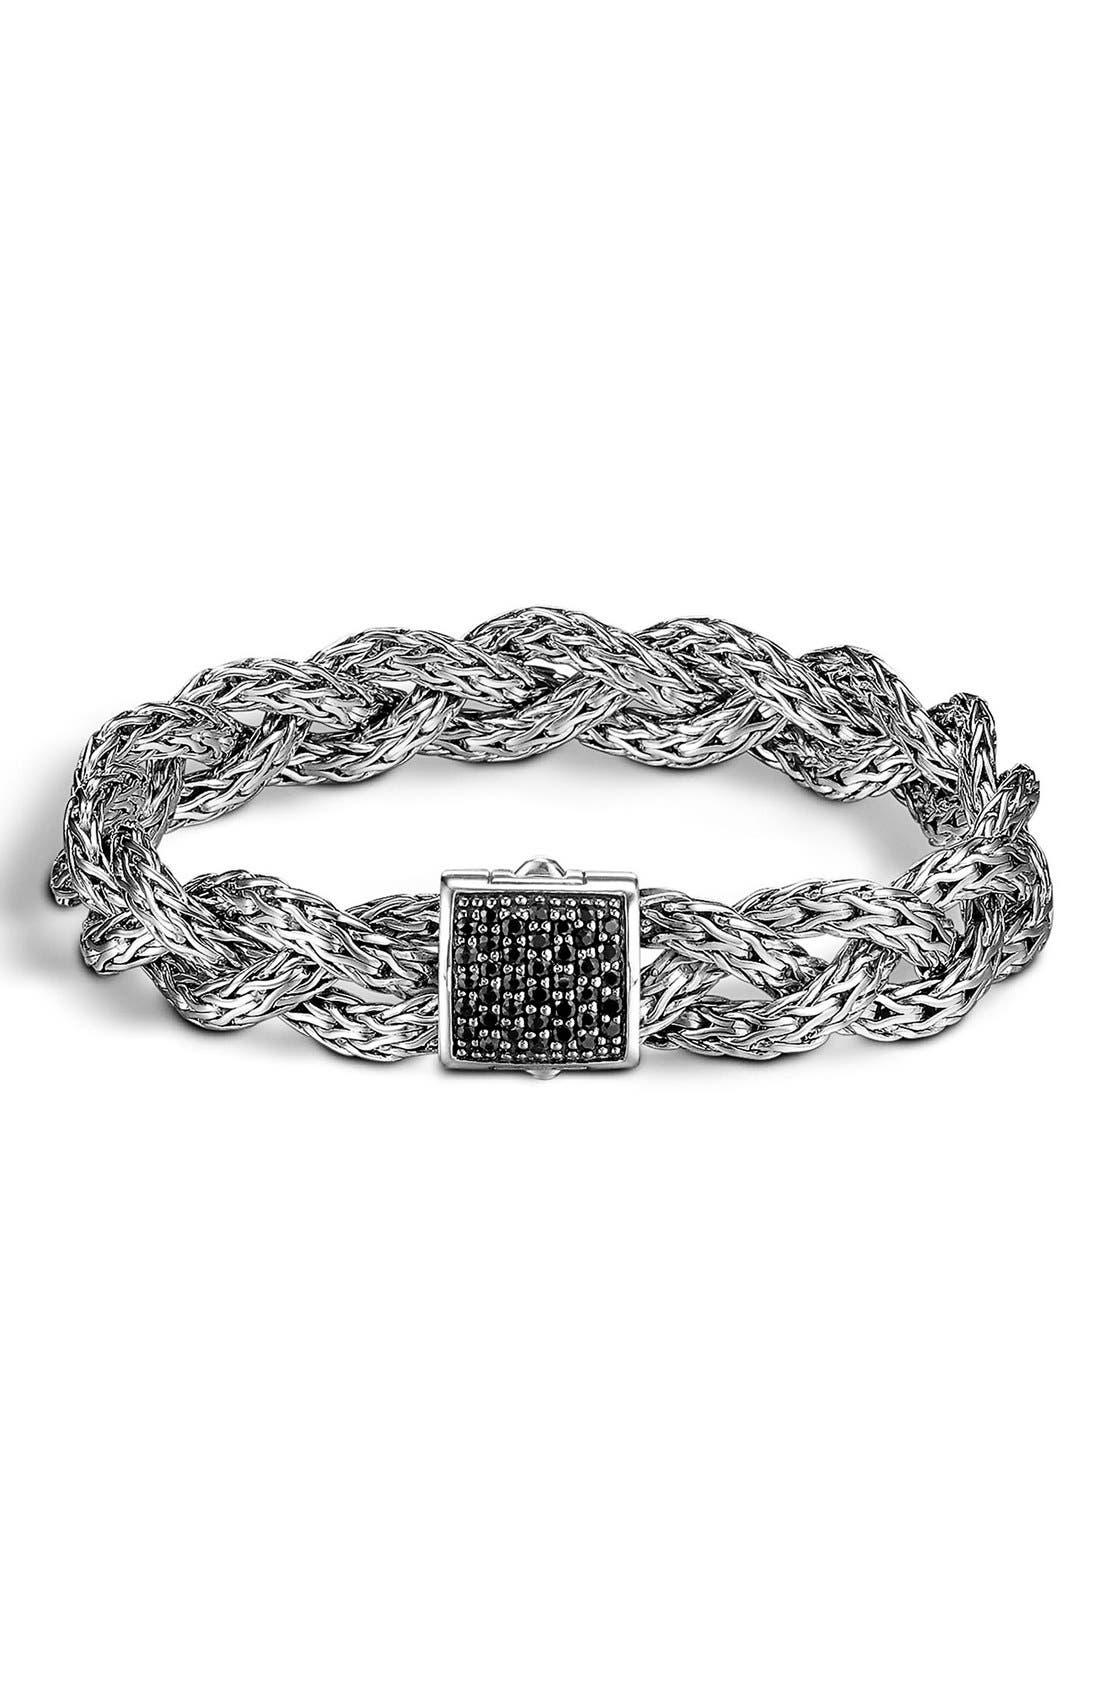 'Braided Chain' Semiprecious Stone Bracelet,                             Main thumbnail 1, color,                             Silver/ Black Sapphire